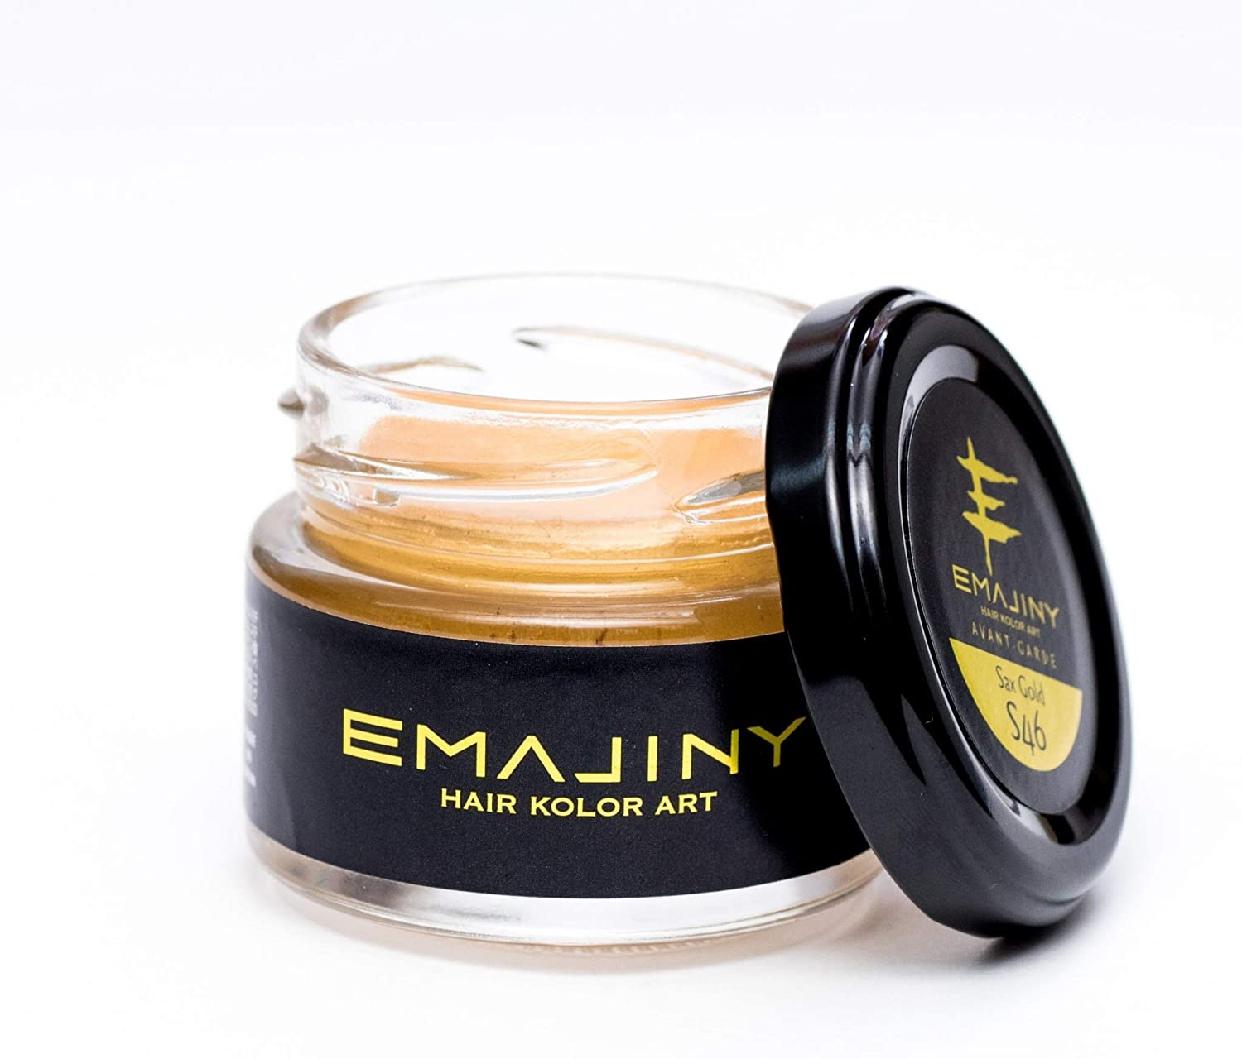 EMAJINY(エマジニー) ヘアカラーワックスの商品画像2